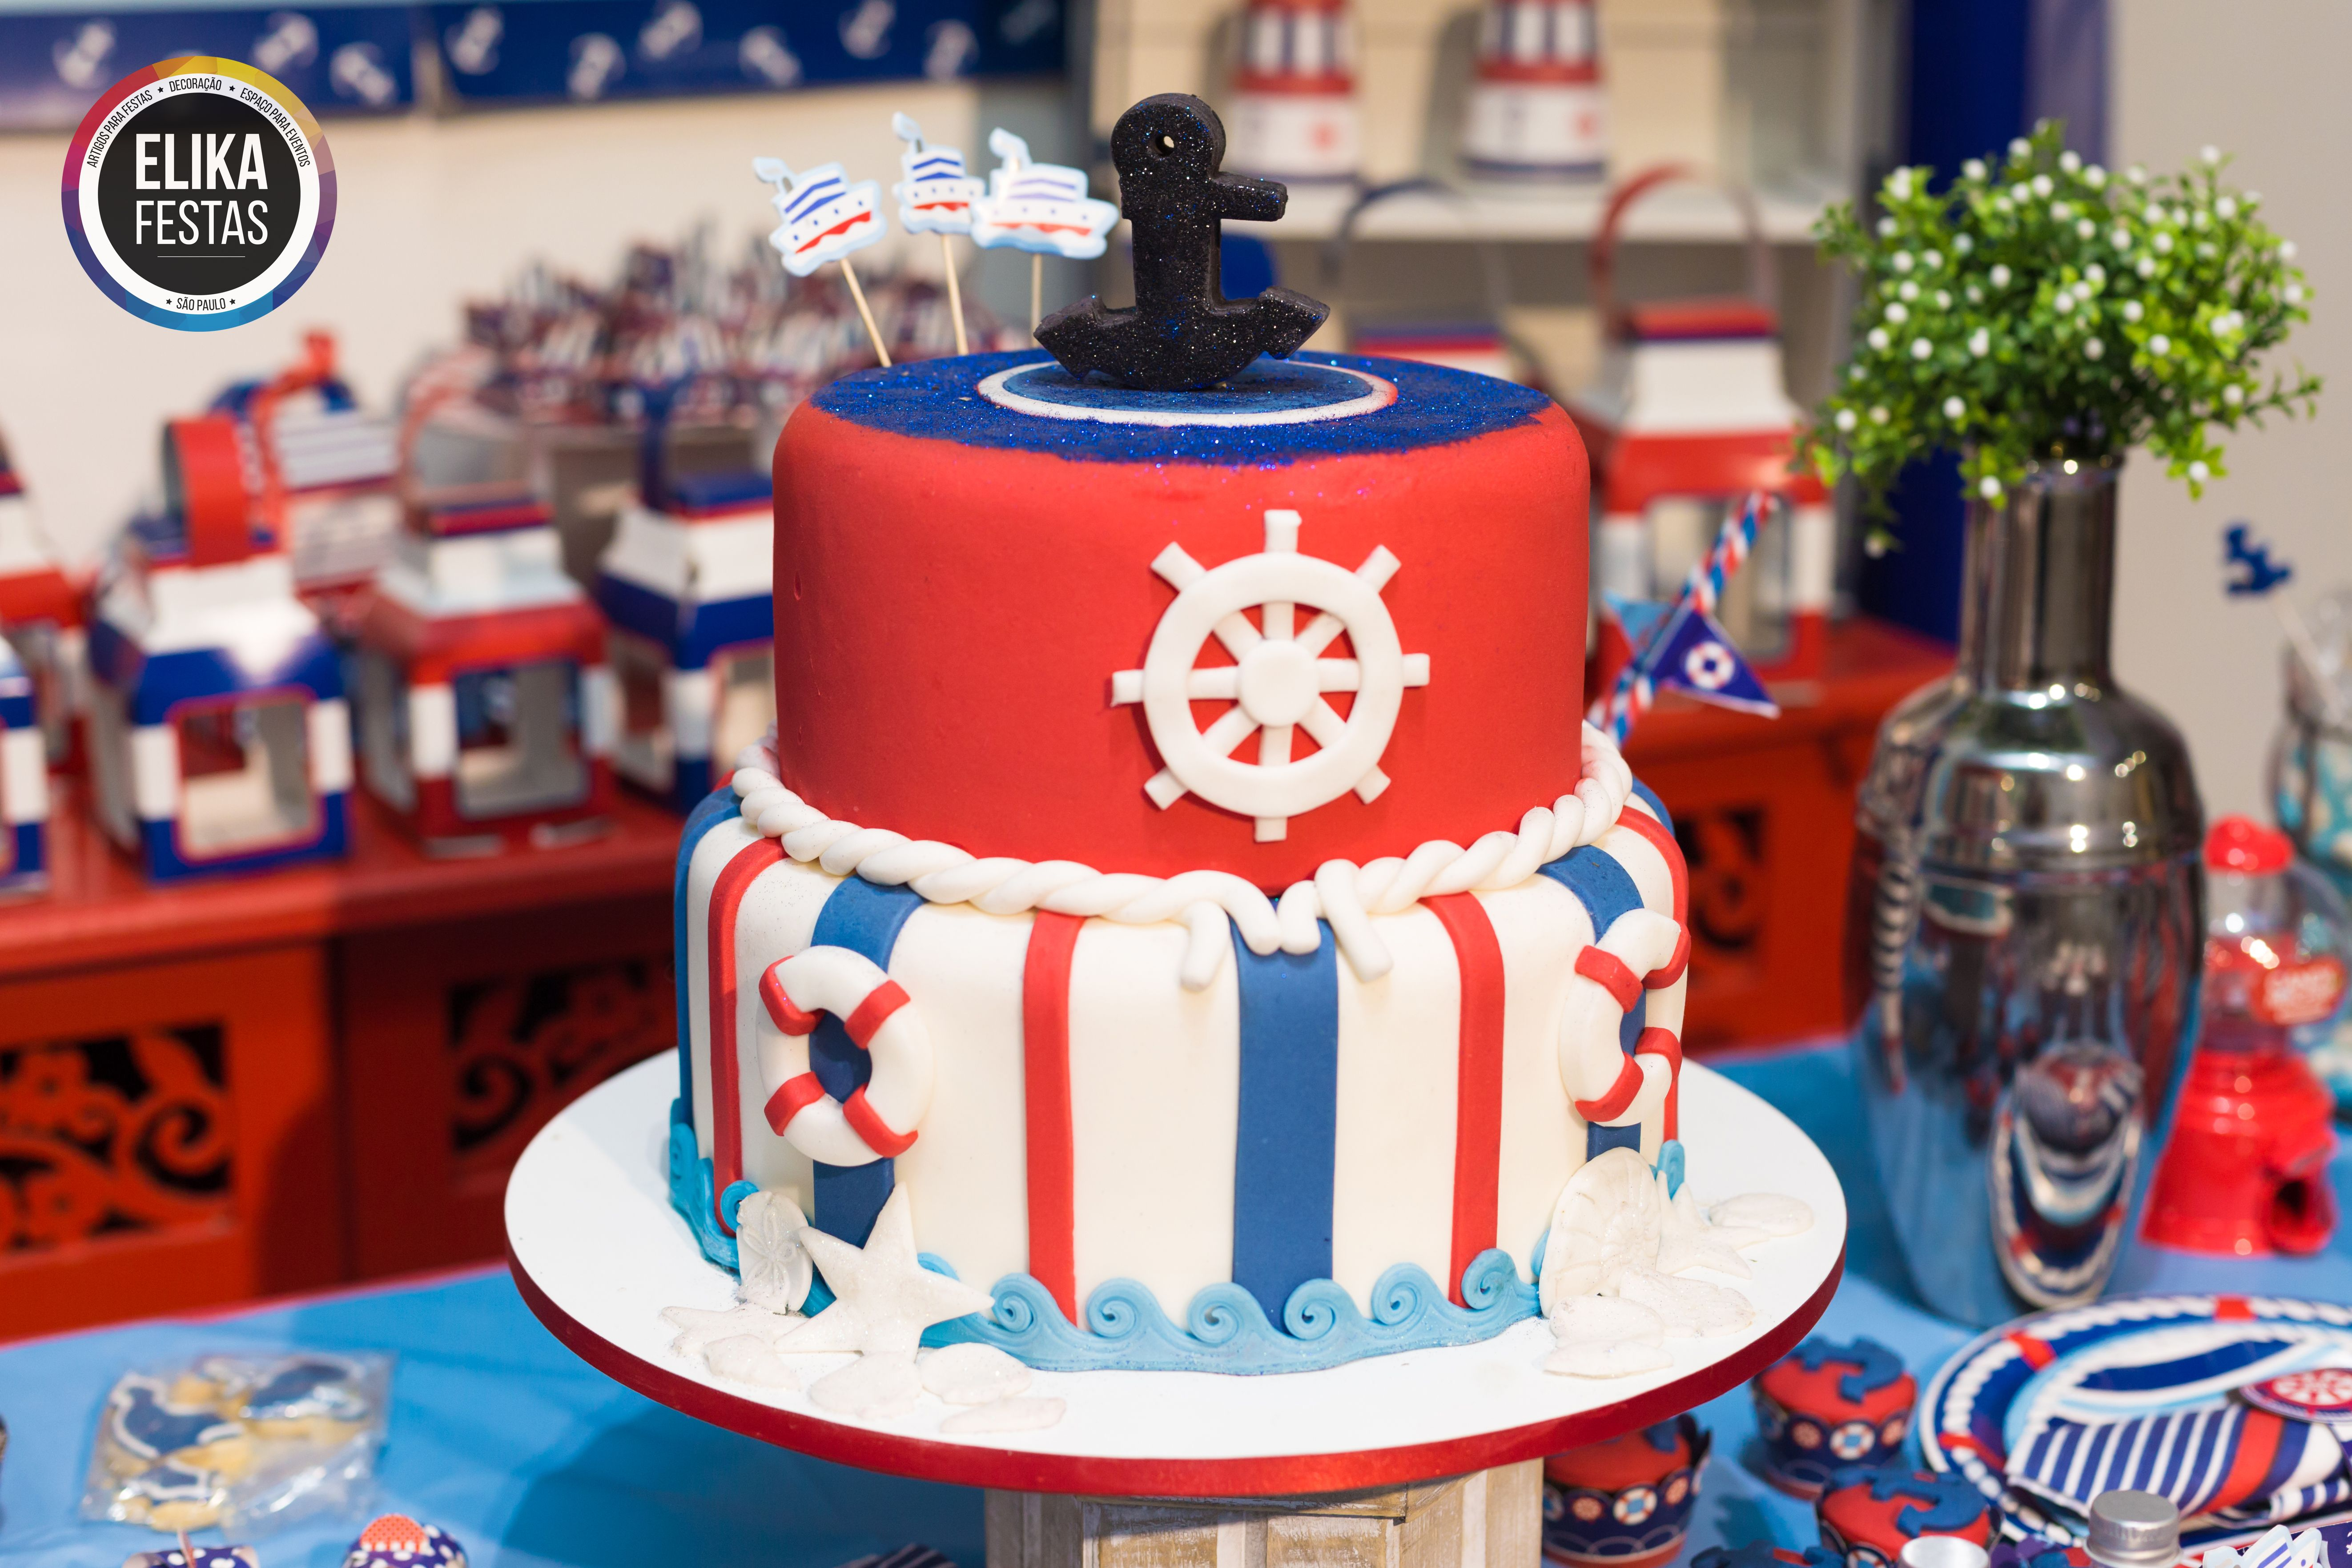 Decoracao fazendinha luxo bolo falso ccs decoracoes eventos car - Detalhe Decora O Para Festa No Tema Navy Marinheiro Linda Op O Para Festa Infantil